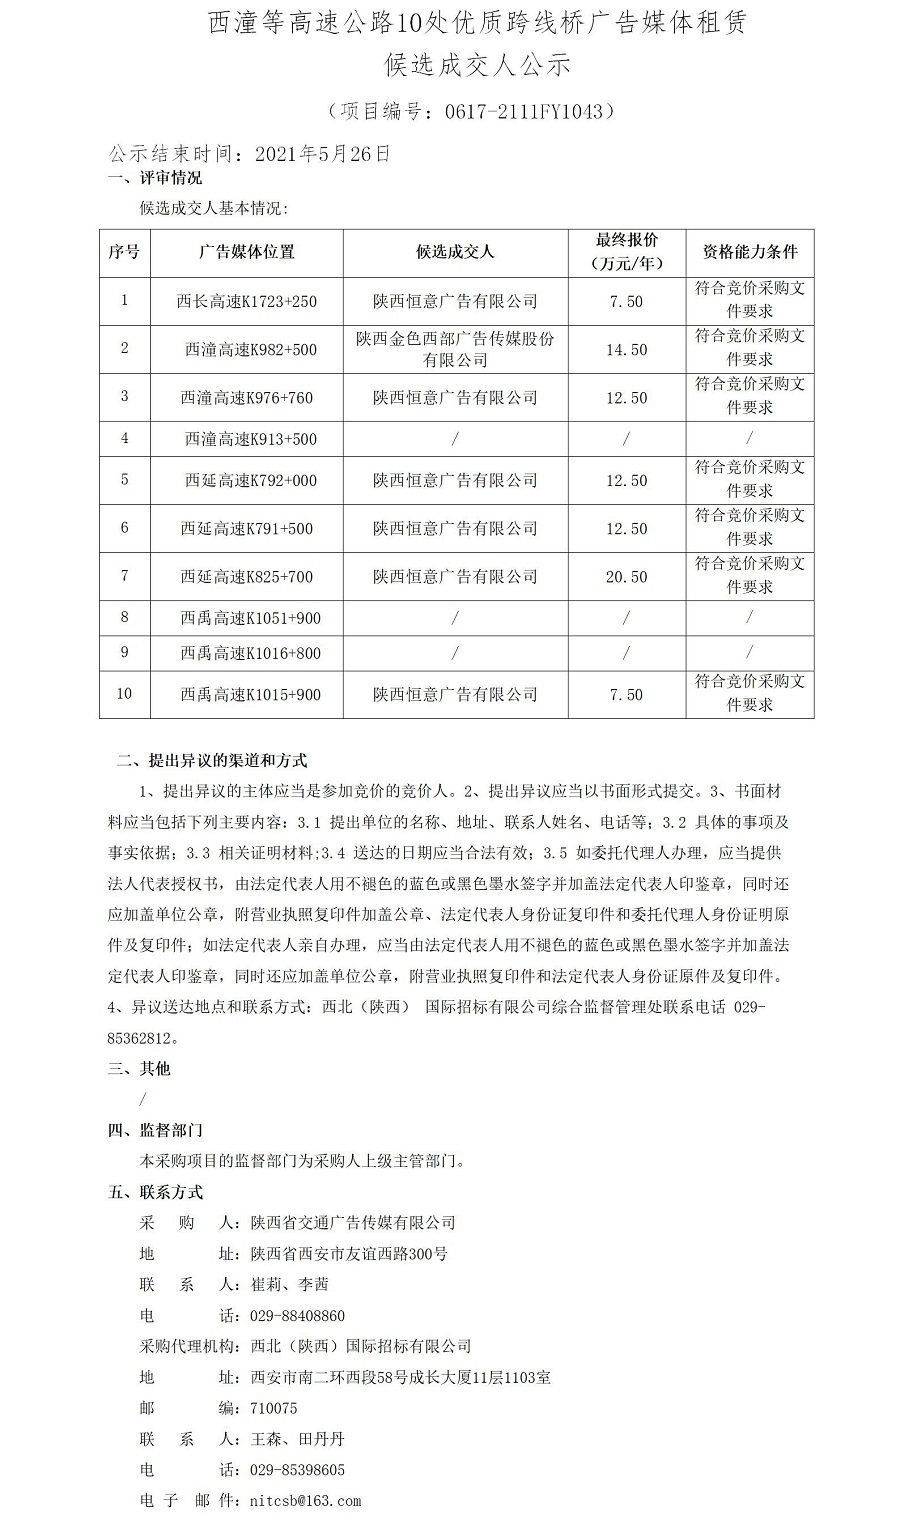 候选成交供应商公示(1) - 副本.jpg